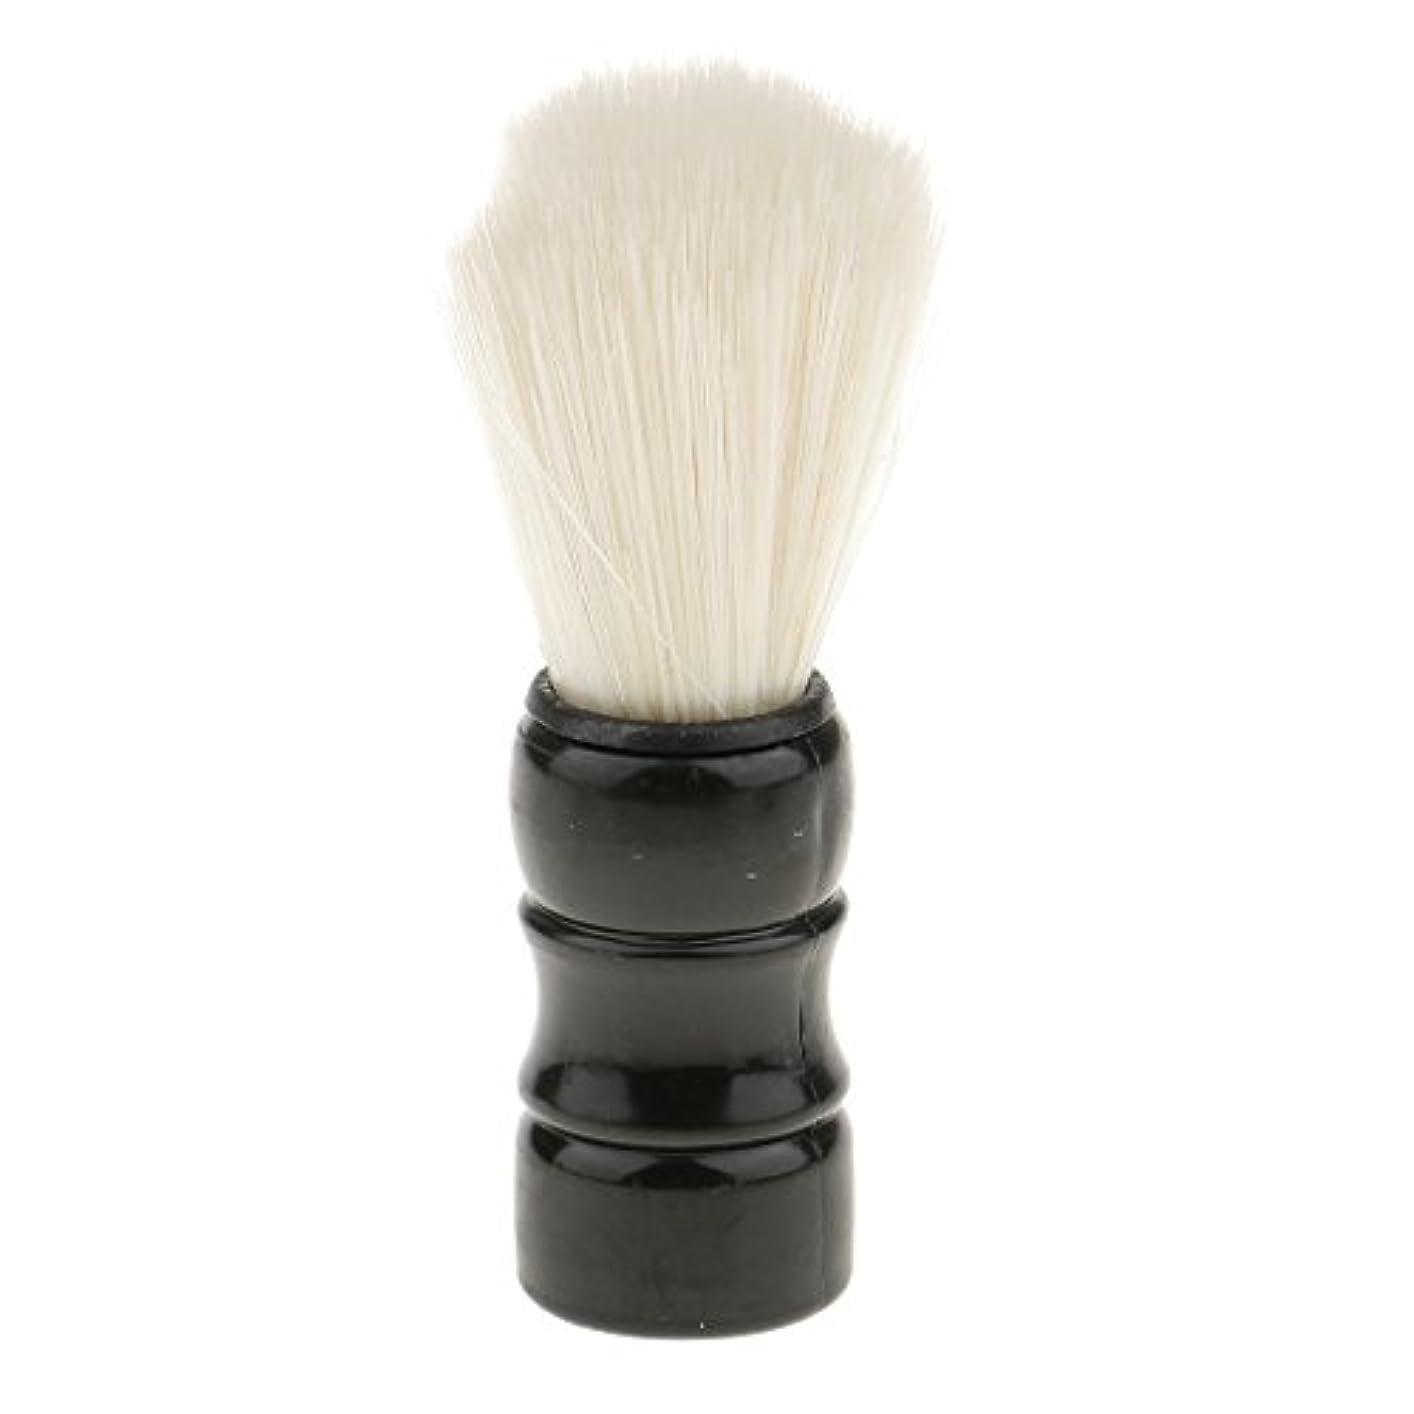 焦がす求める資金Hellery シェービングブラシ 男性 口ひげ トリミング ナイロンブラシ シェービングツール 髭剃り 全2色 - ブラック